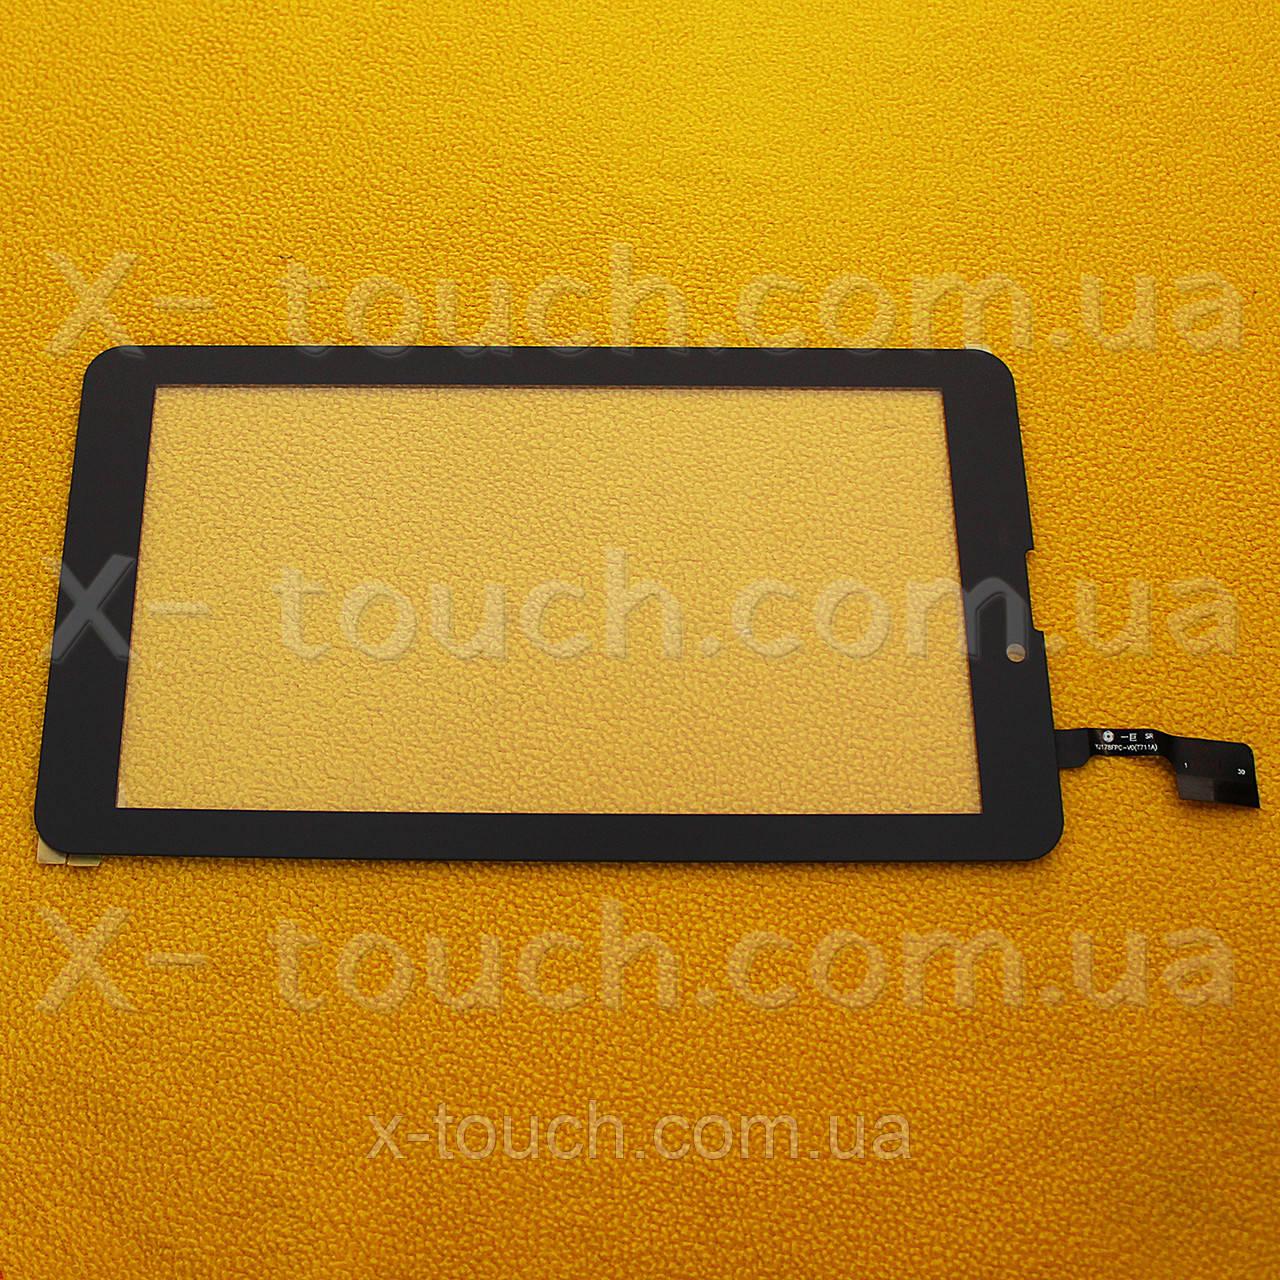 Тачскрин, сенсор  CN039C0700G1  для планшета